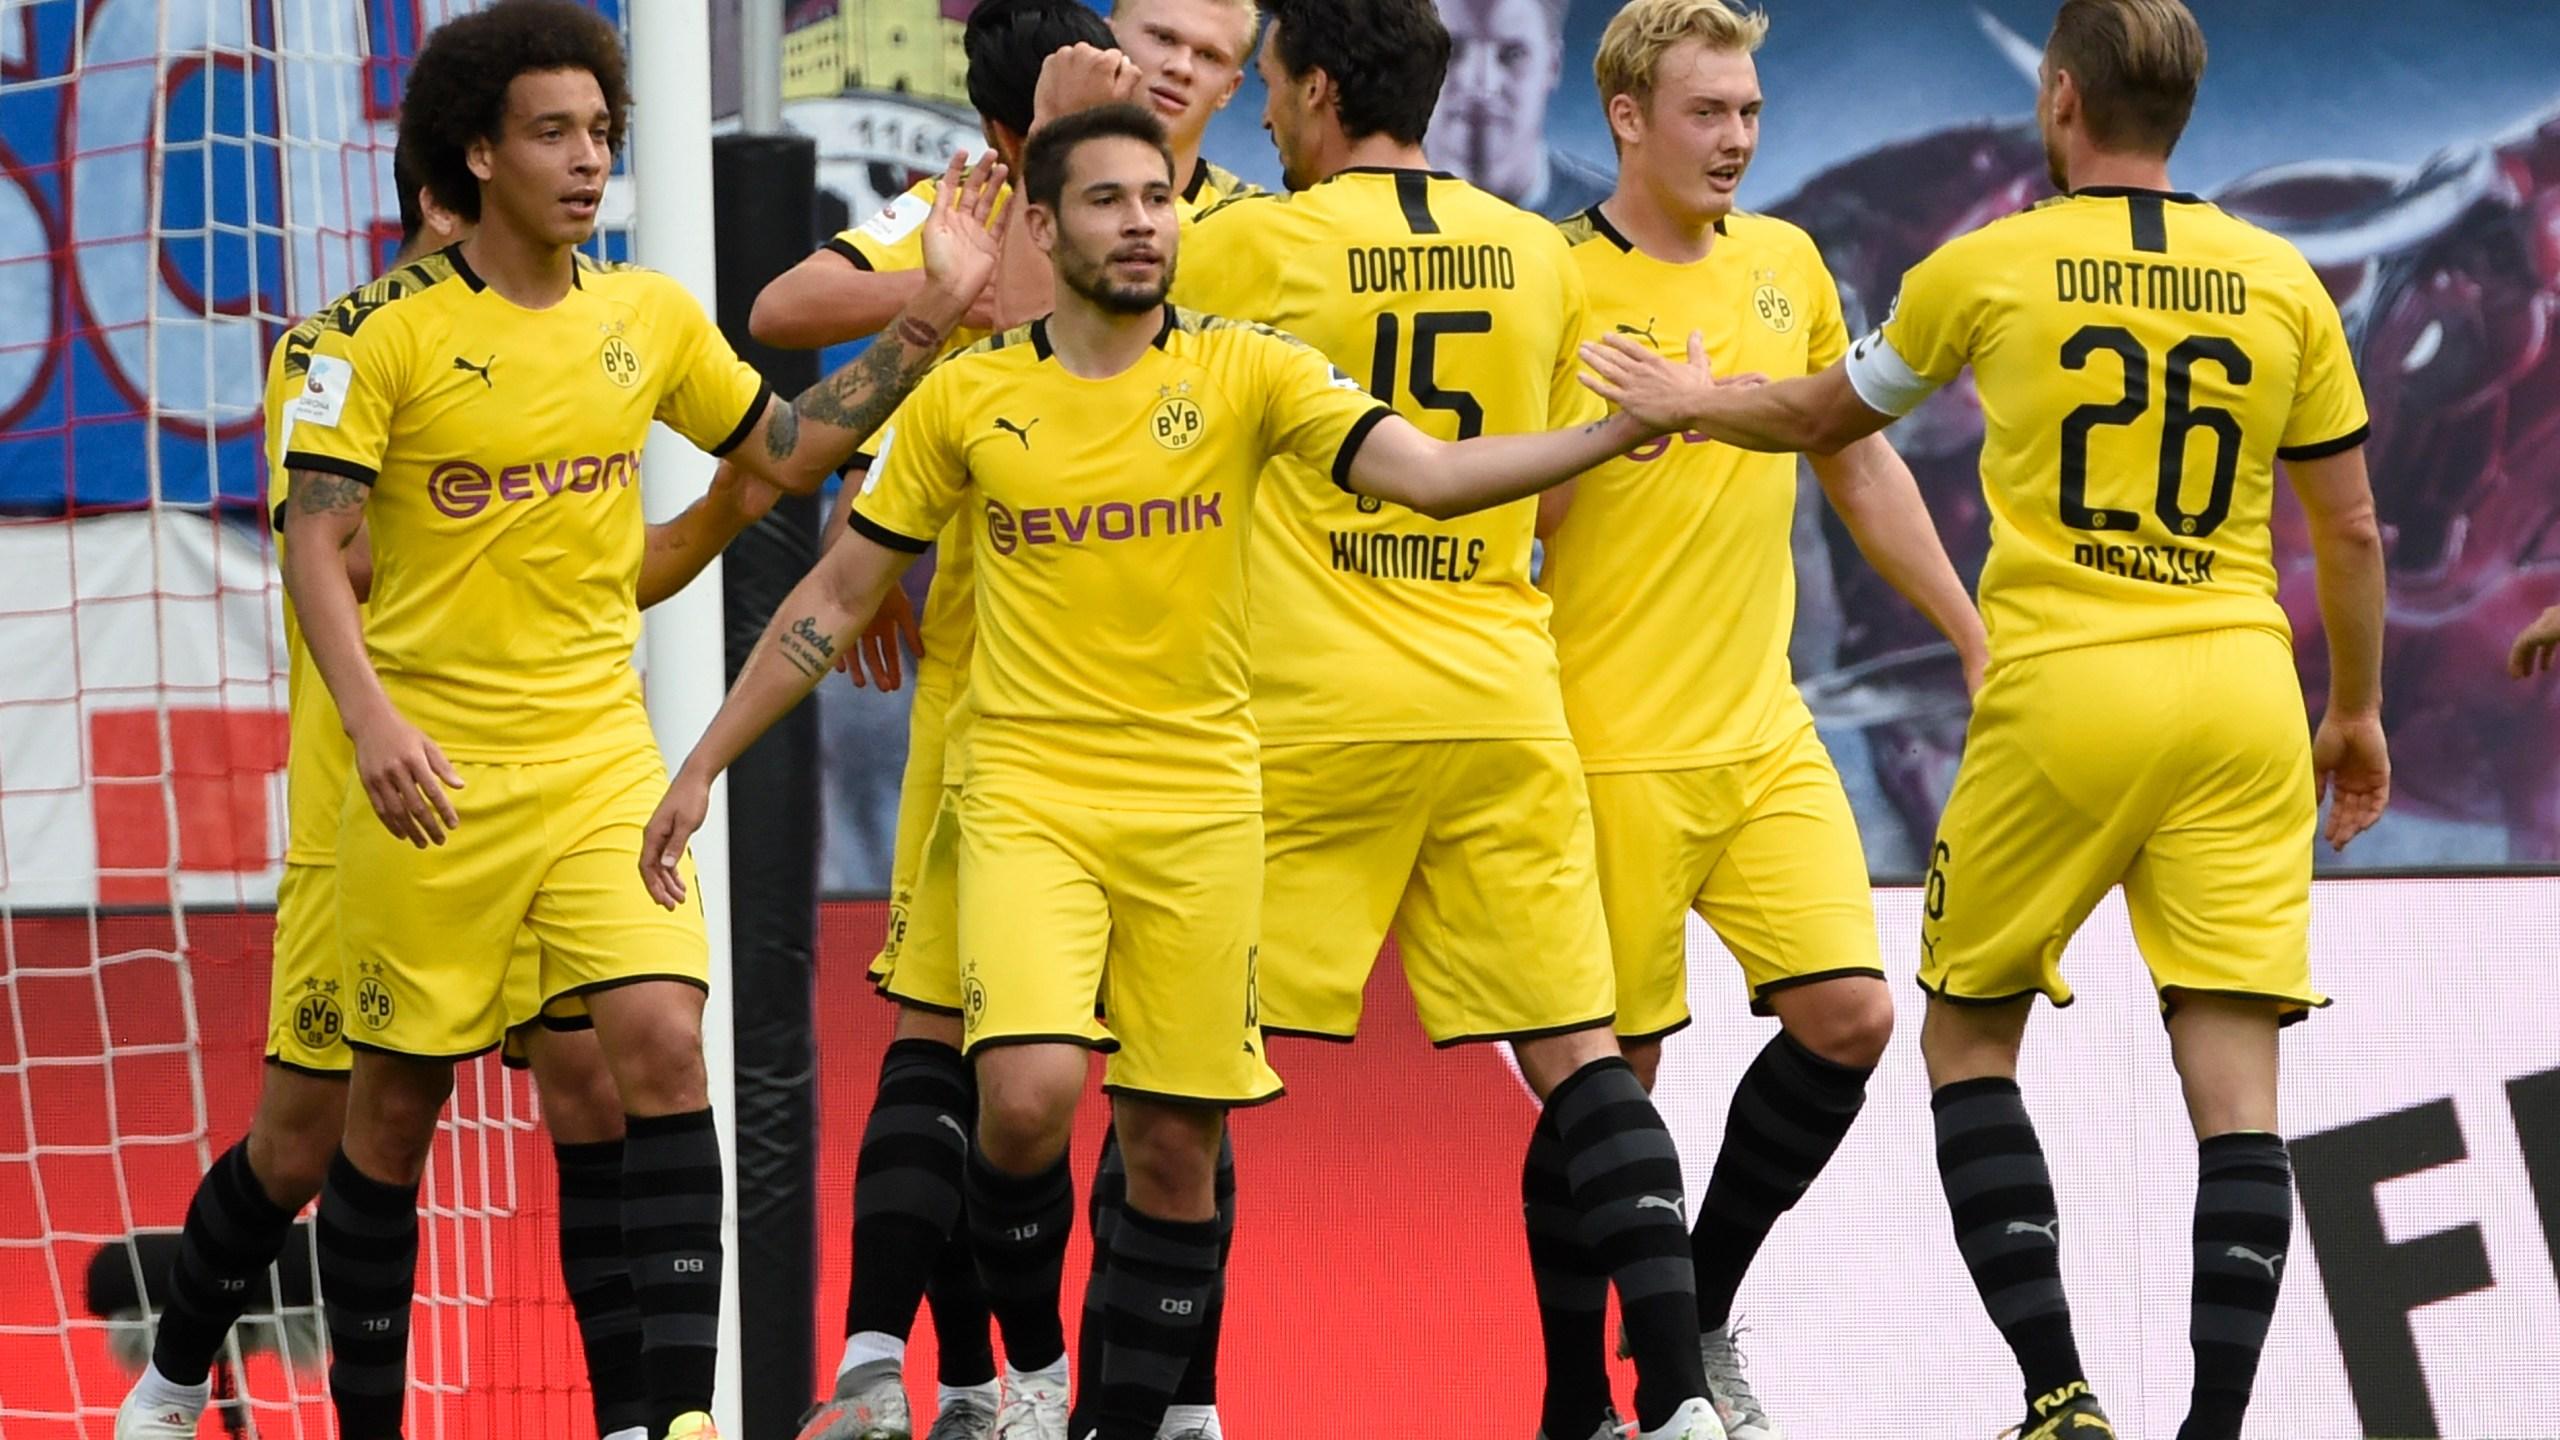 Haaland Goals Secure Bundesliga Runner Up Spot For Dortmund Ketk Com Fox51 Com